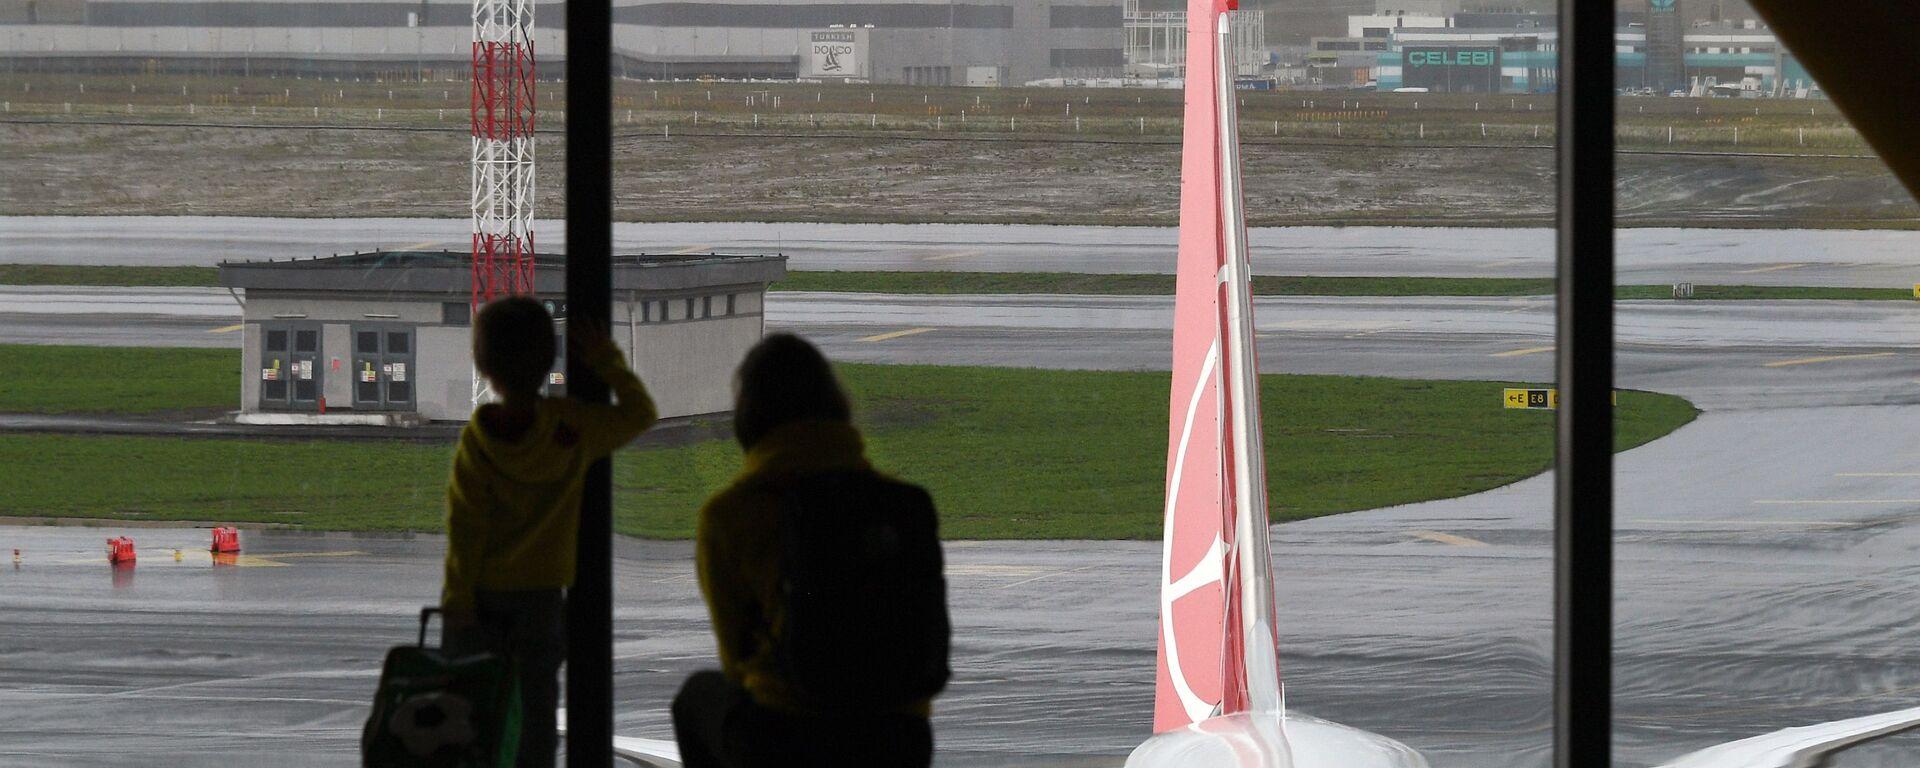 Пассажиры в Международном аэропорту Стамбула - Sputnik Таджикистан, 1920, 26.12.2020